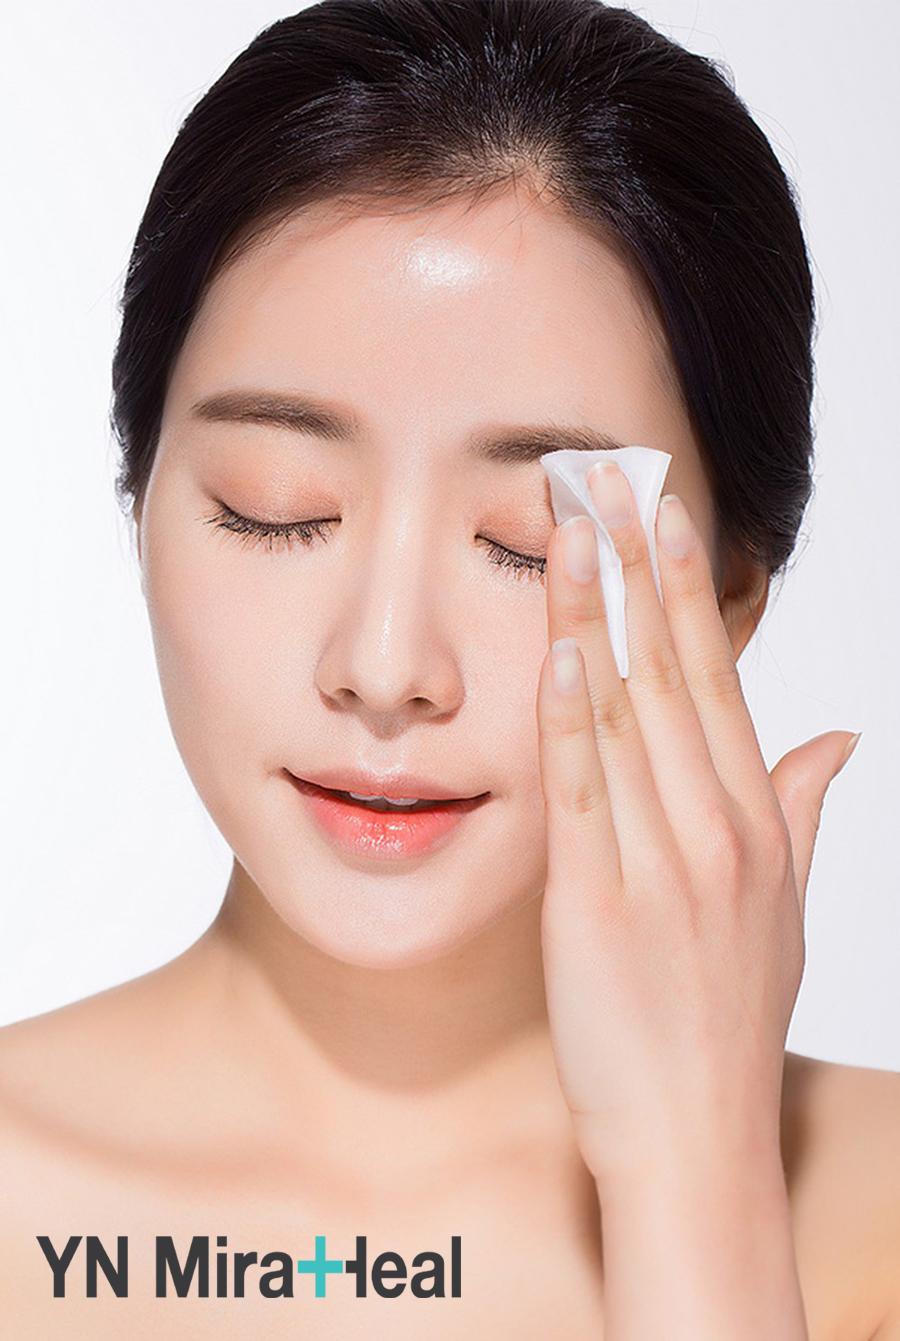 Toner có tác dụng cấp ẩm và làm sạch da, tăng cường hiệu quả các bước dưỡng da tiếp theo